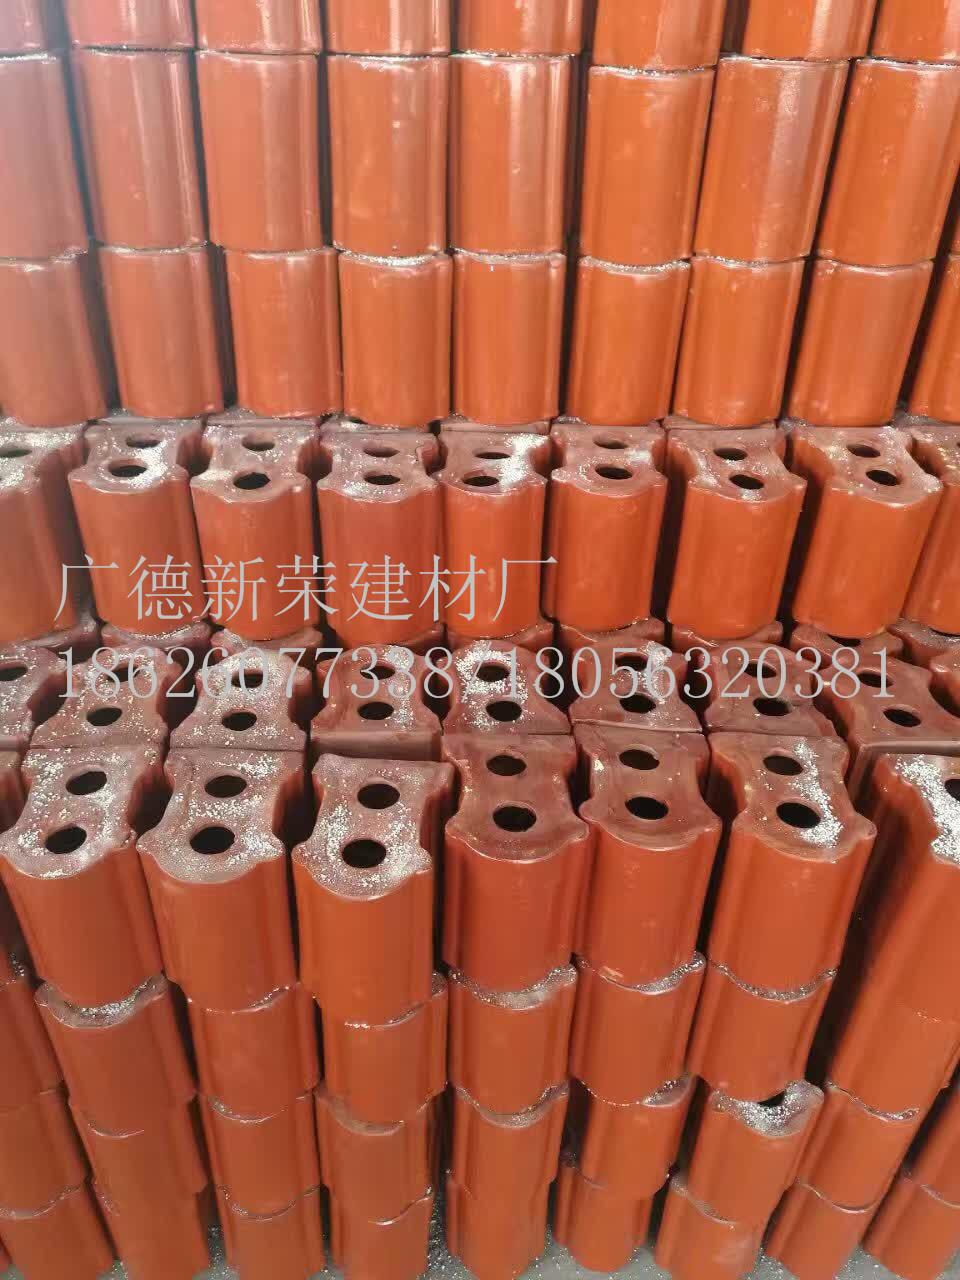 供应广德琉璃瓦配件厂家无锡园林寺庙琉璃瓦价18626077338